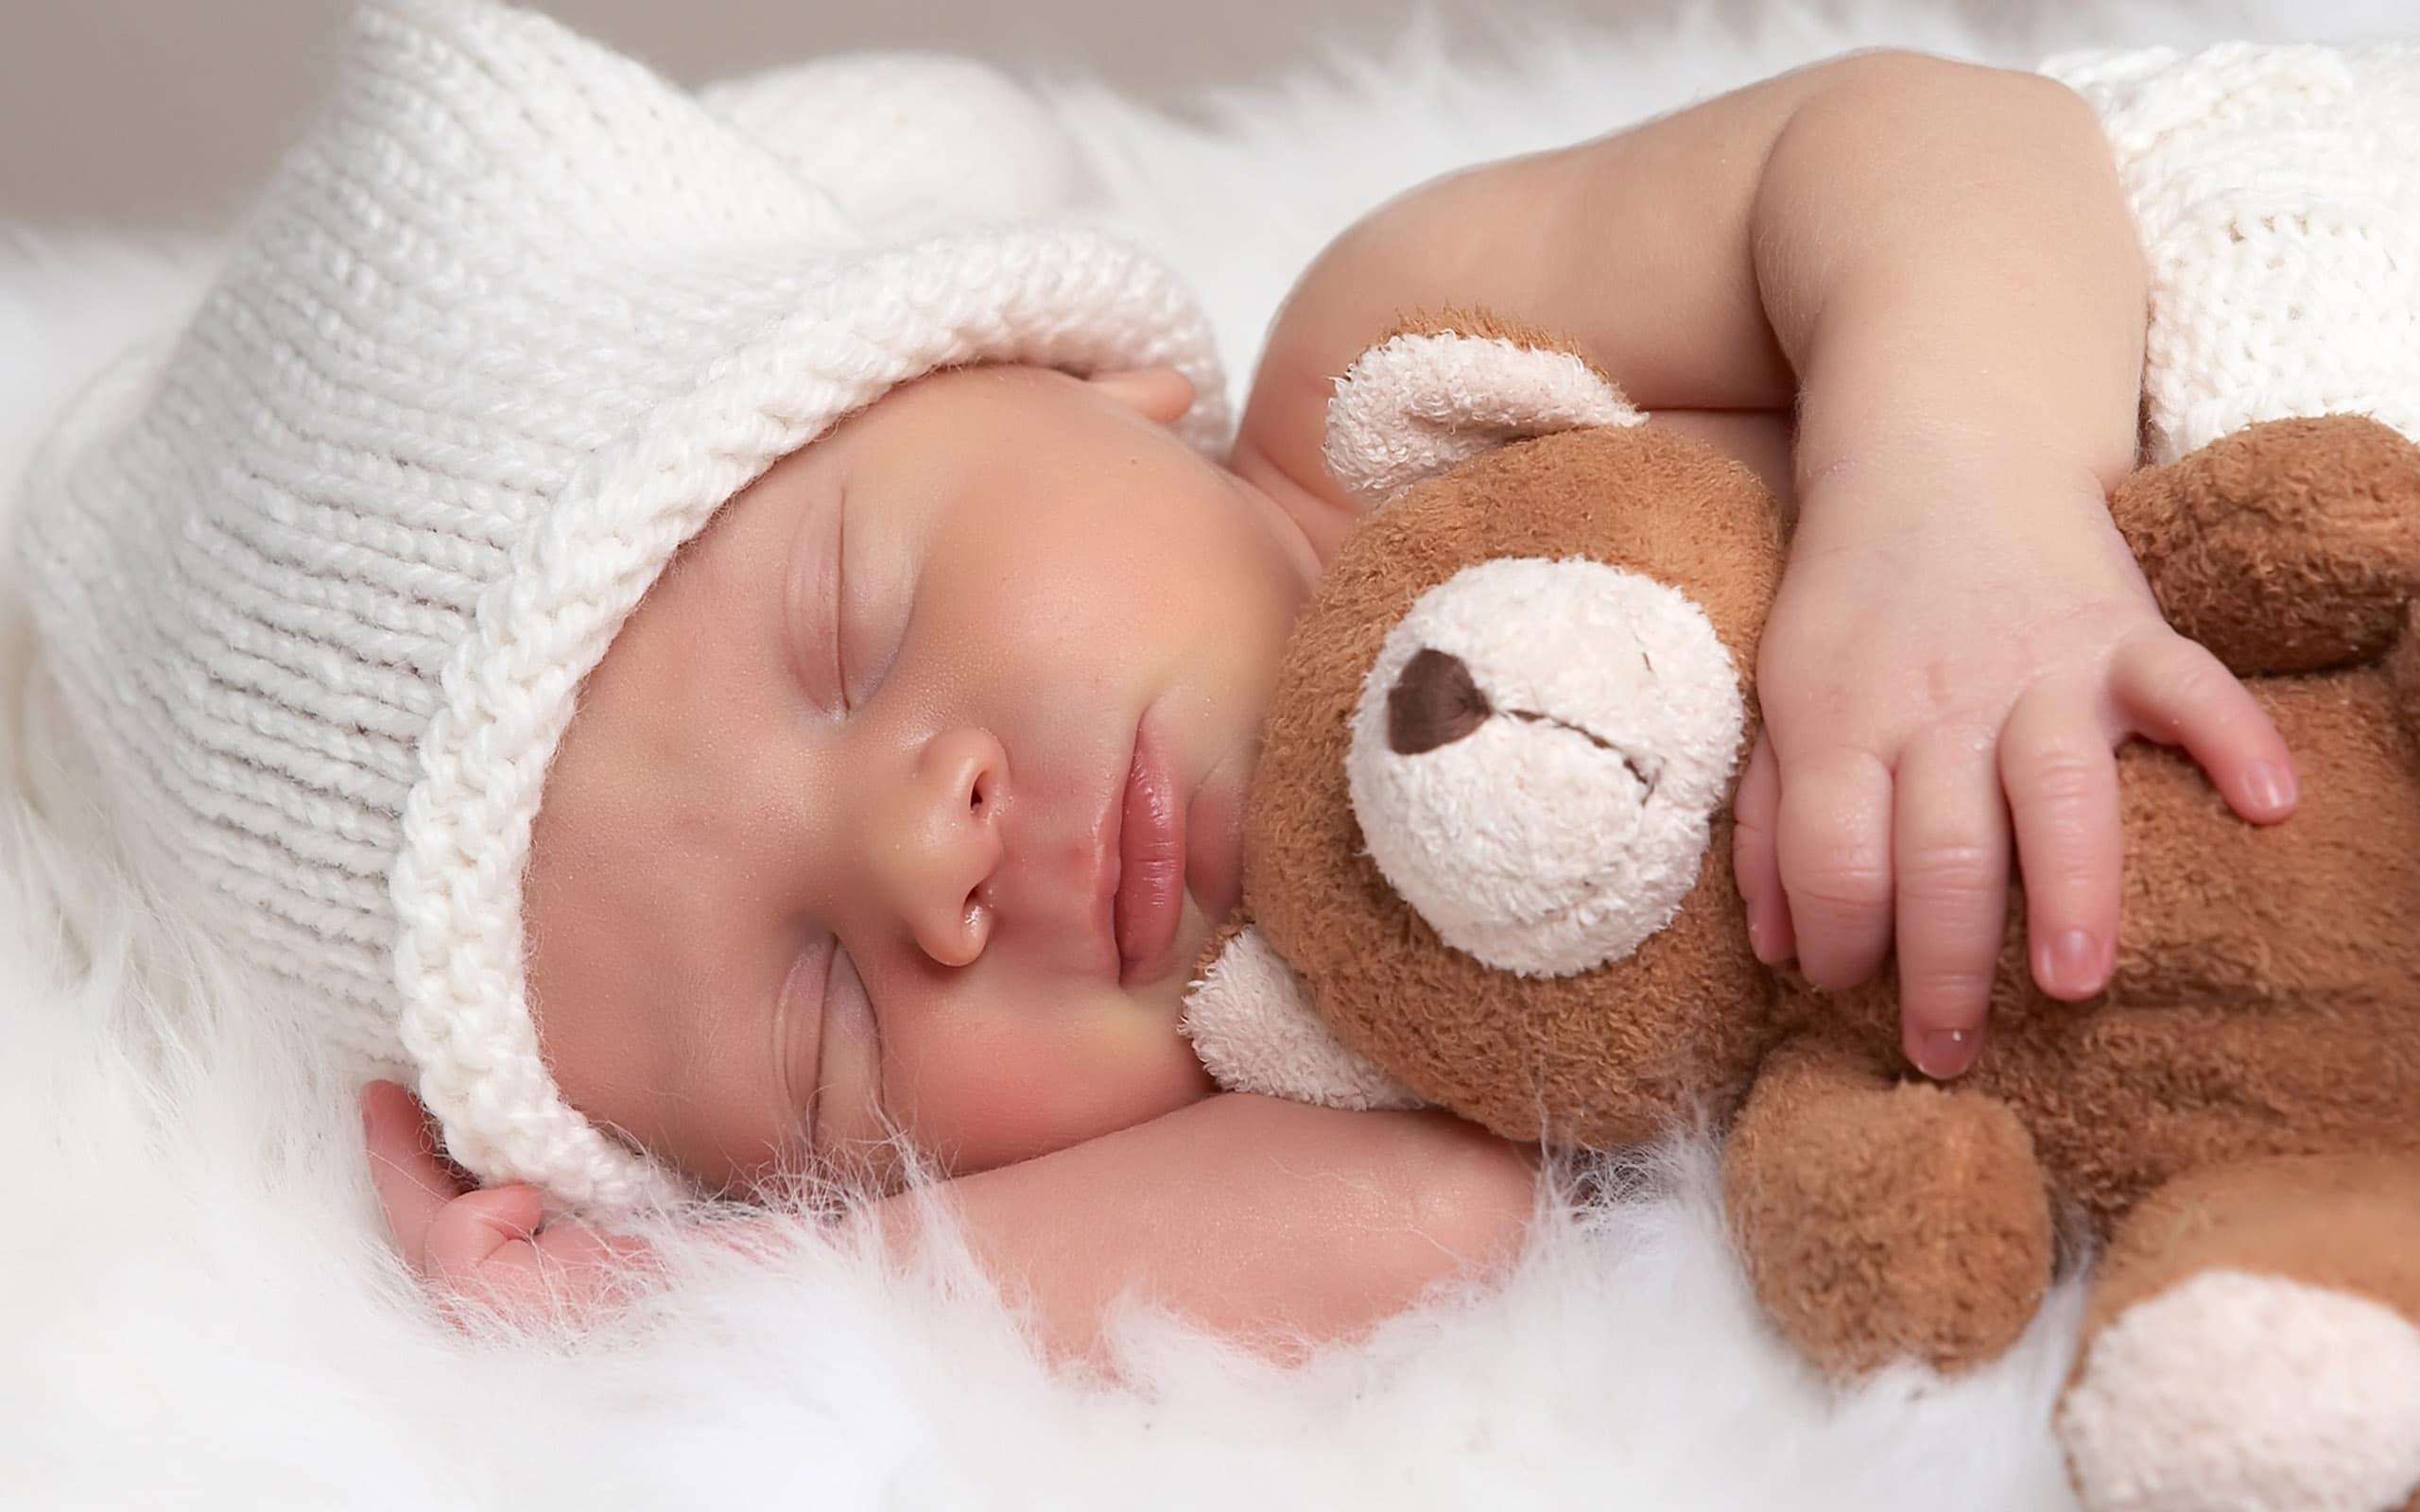 Fotografia Newborn. (Foto: Divulgação).